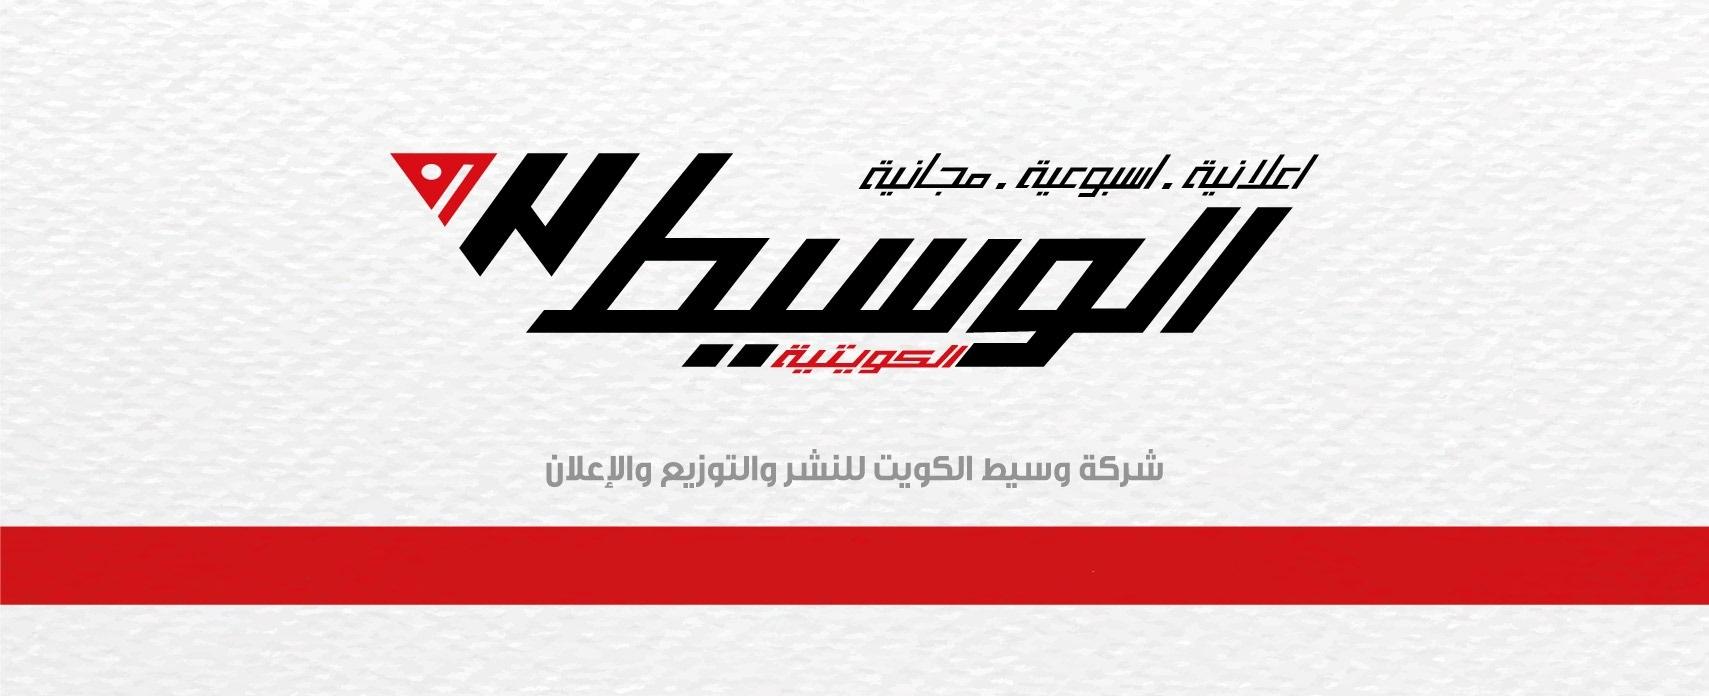 وظائف جريدة الوسيط الكويتية الجمعة 11/4/2020 waseet Newspaper jobs in kuwait